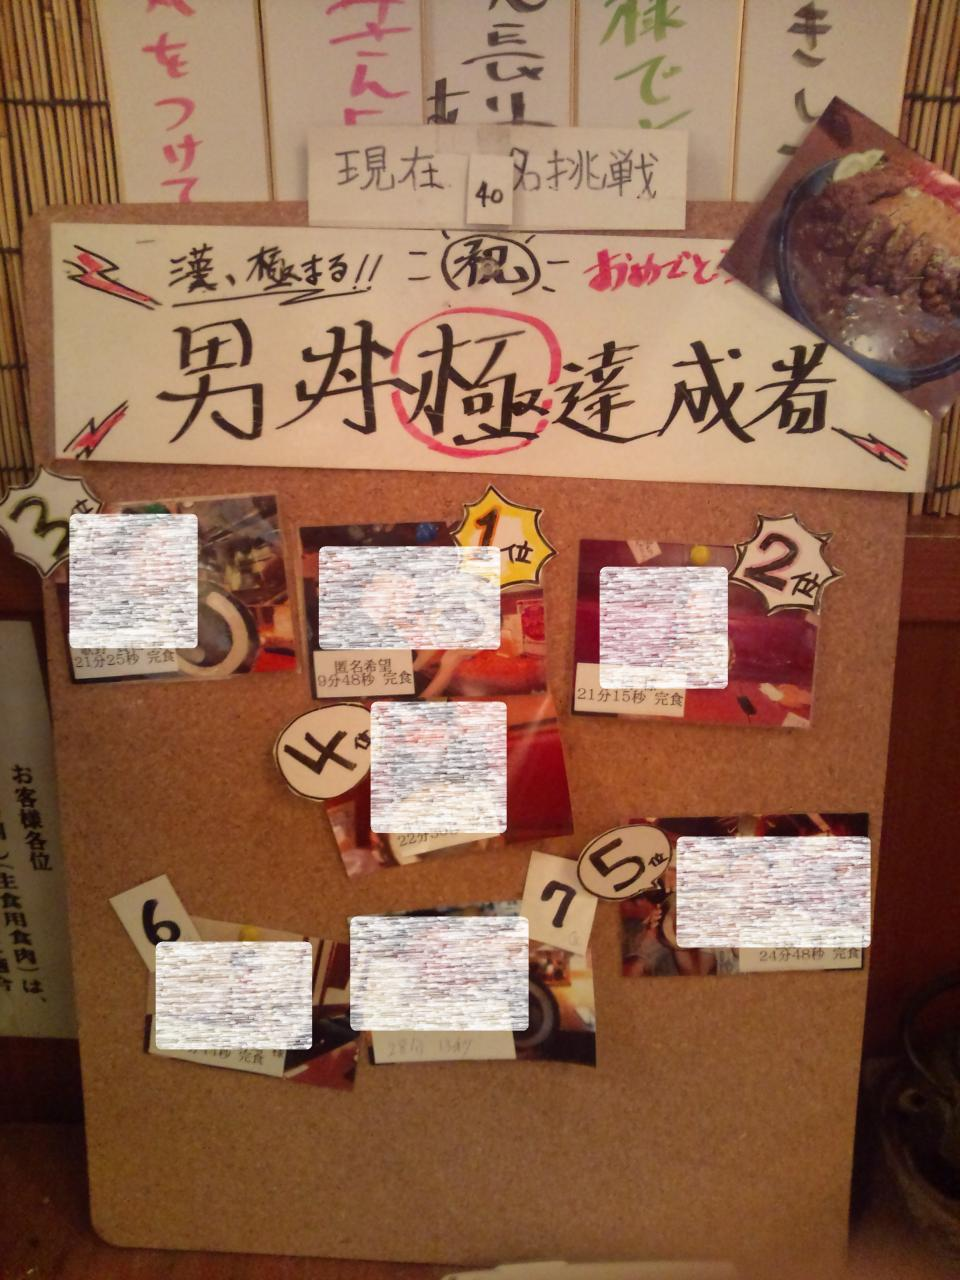 やるき茶屋下北沢南口店(チャレンジャー)